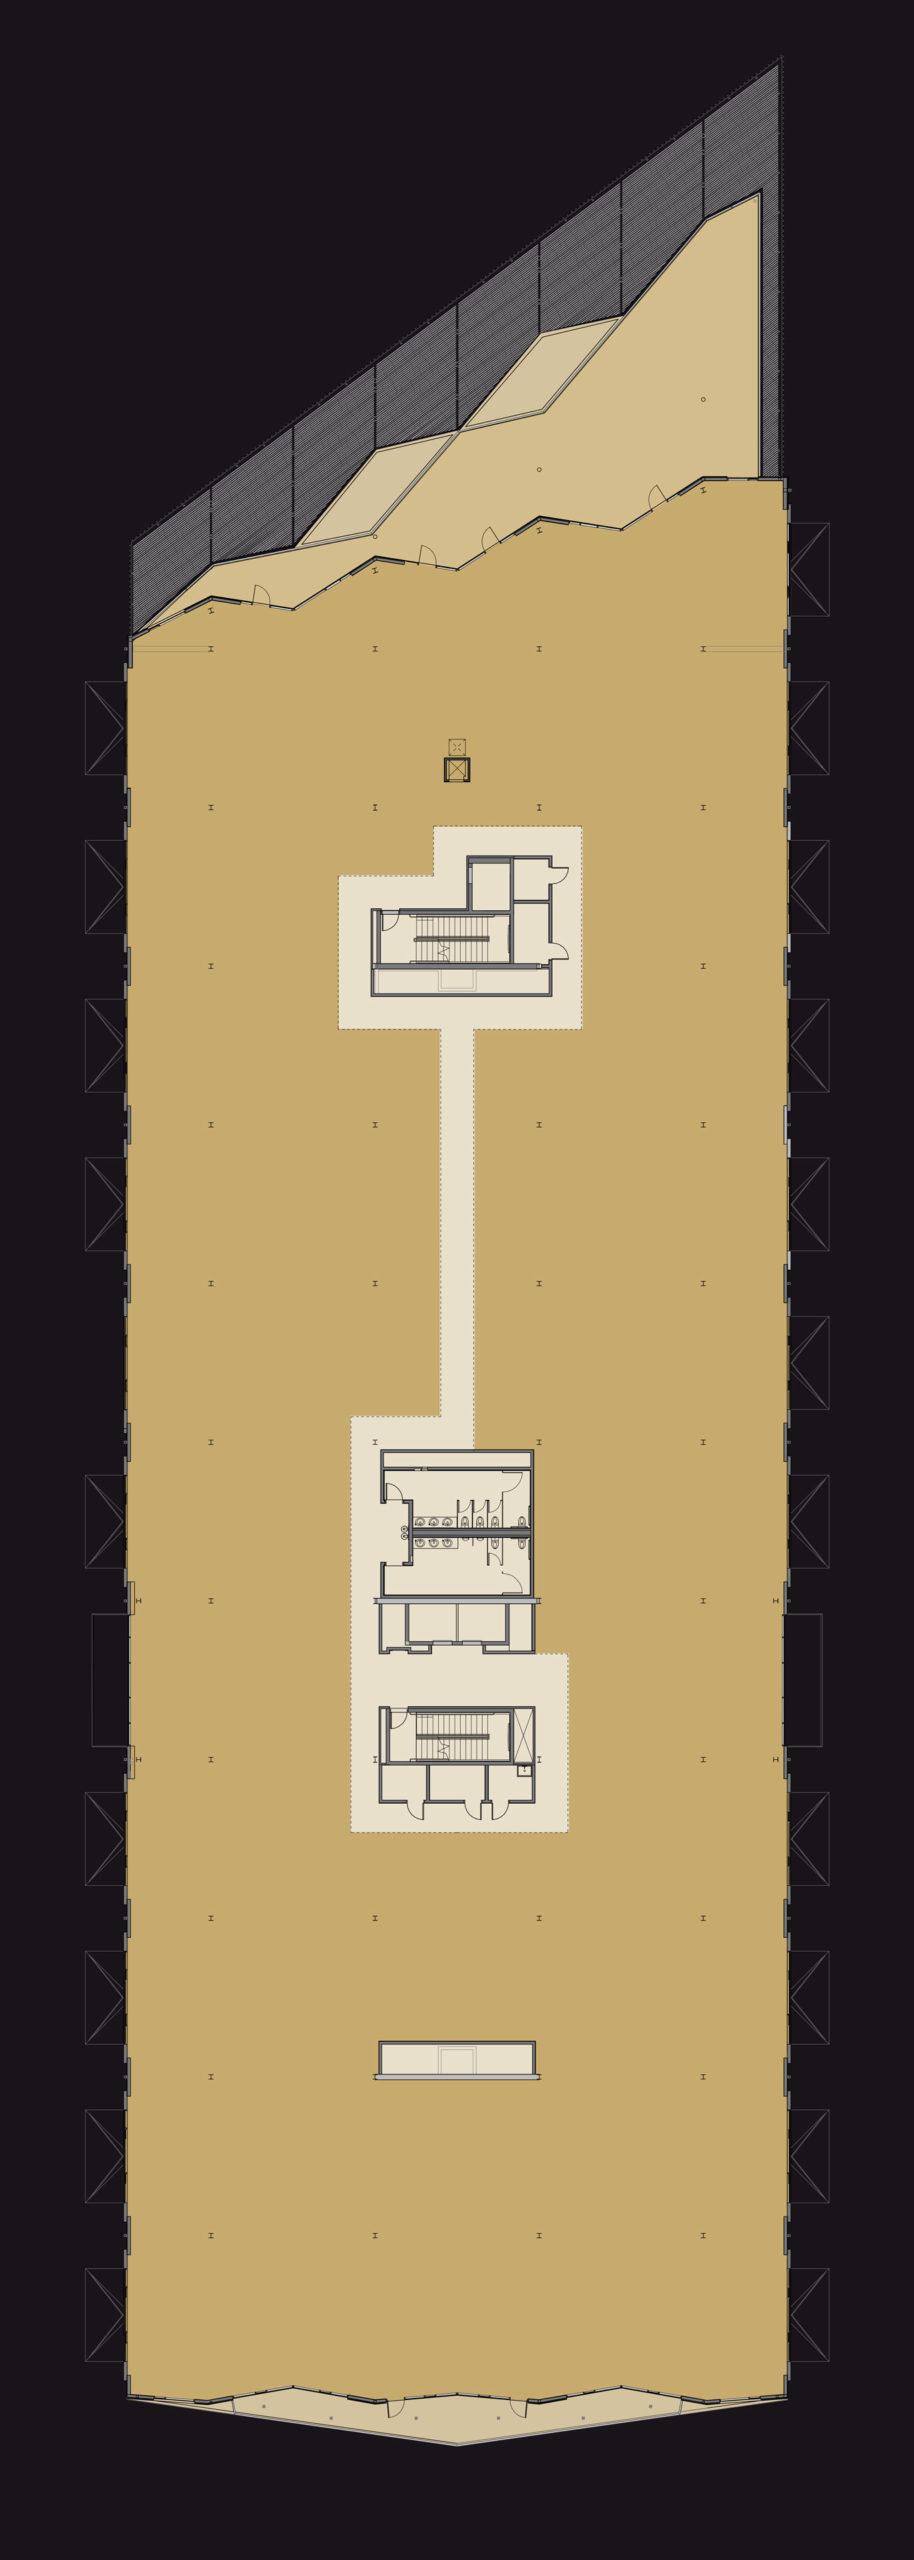 Leasing-Floor-Plans-20200322.2